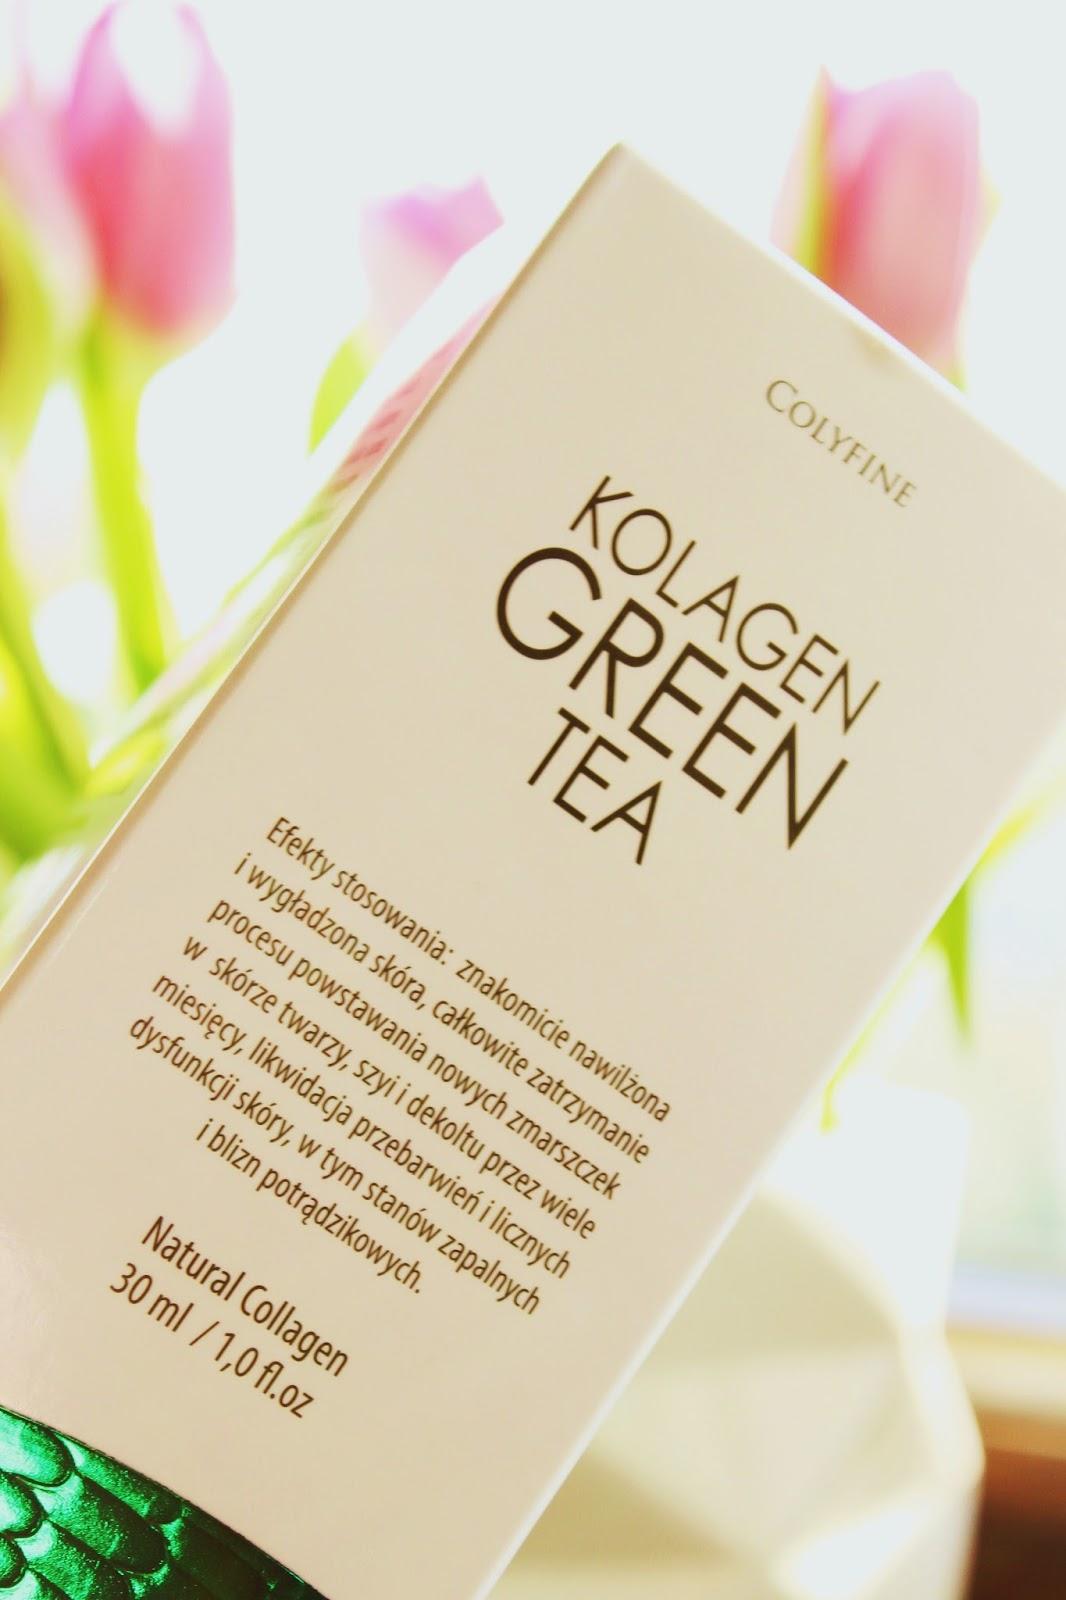 Colyfine Kolagen Green Tea